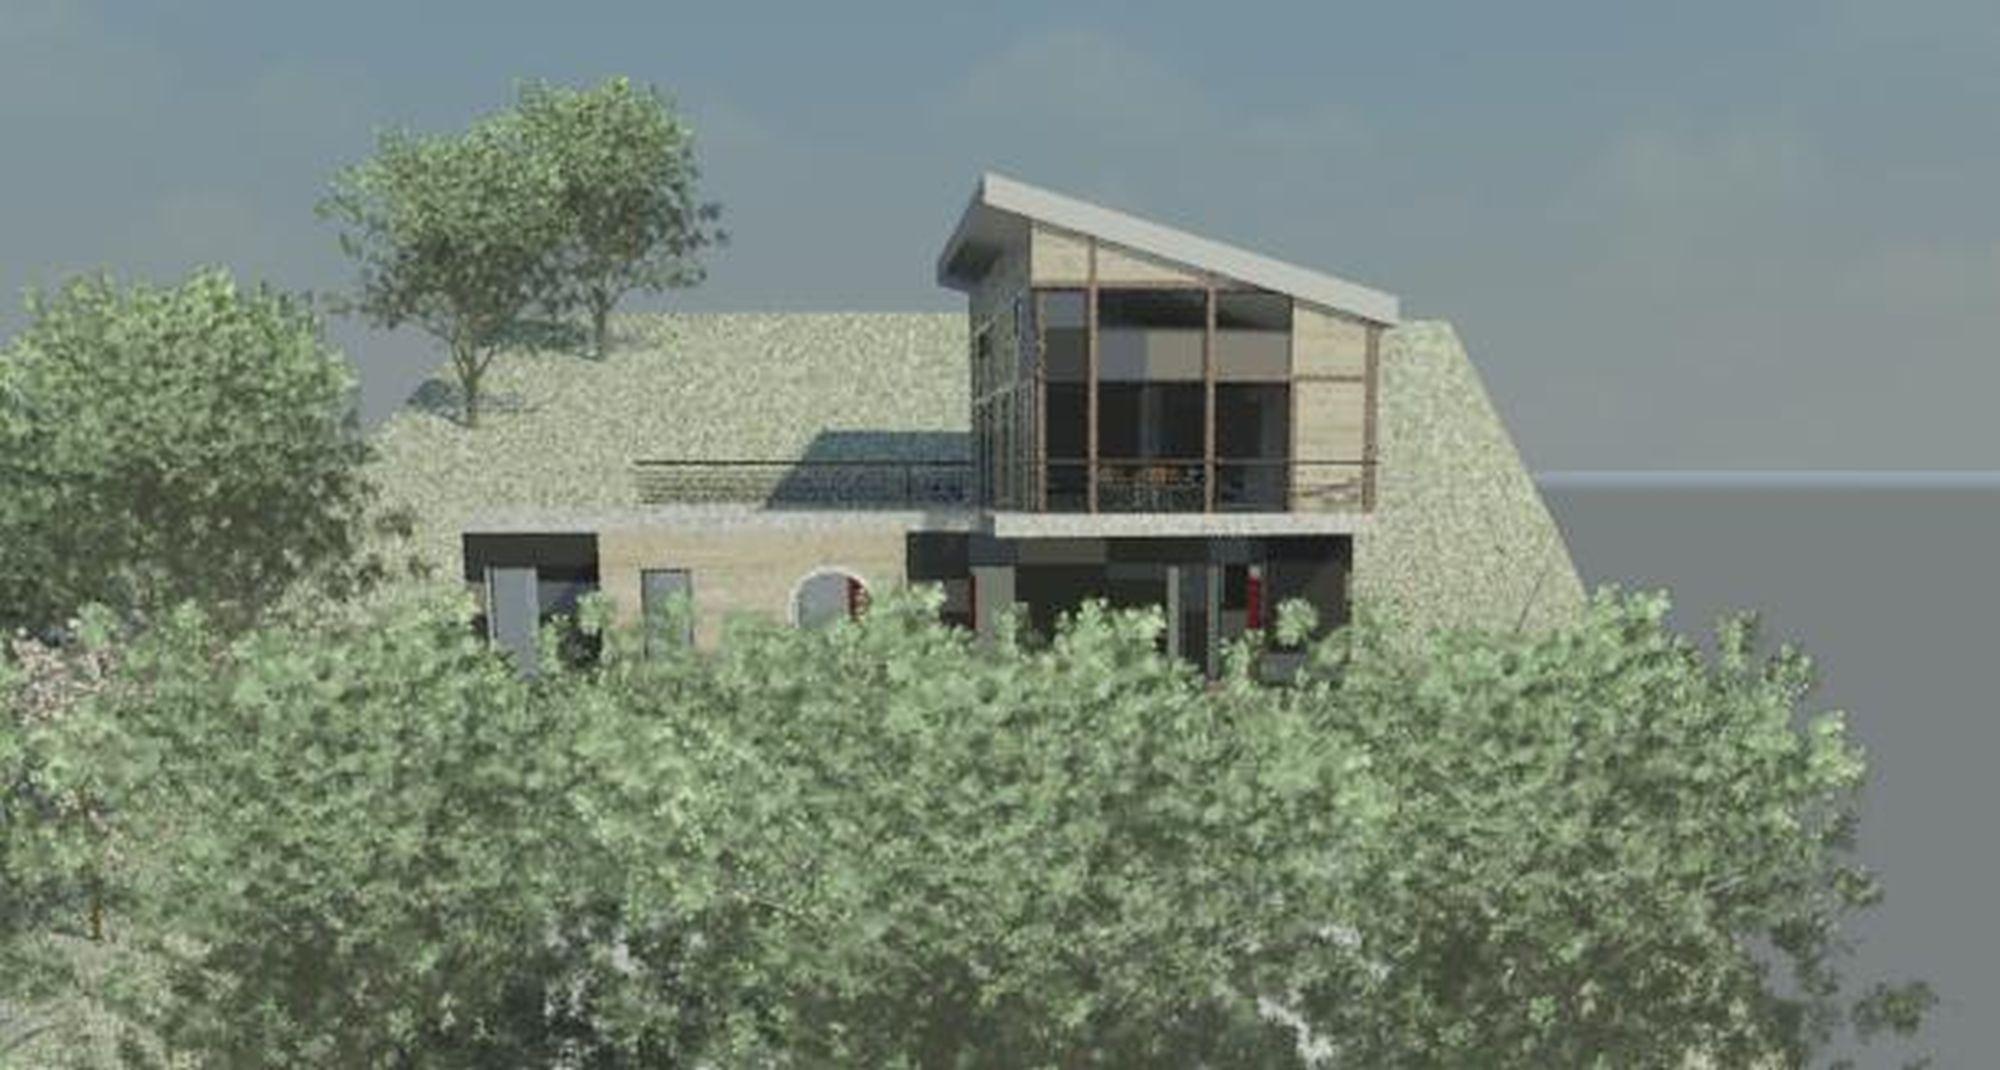 Maison dans la pente agence o - Construction maison sur terrain en pente ...